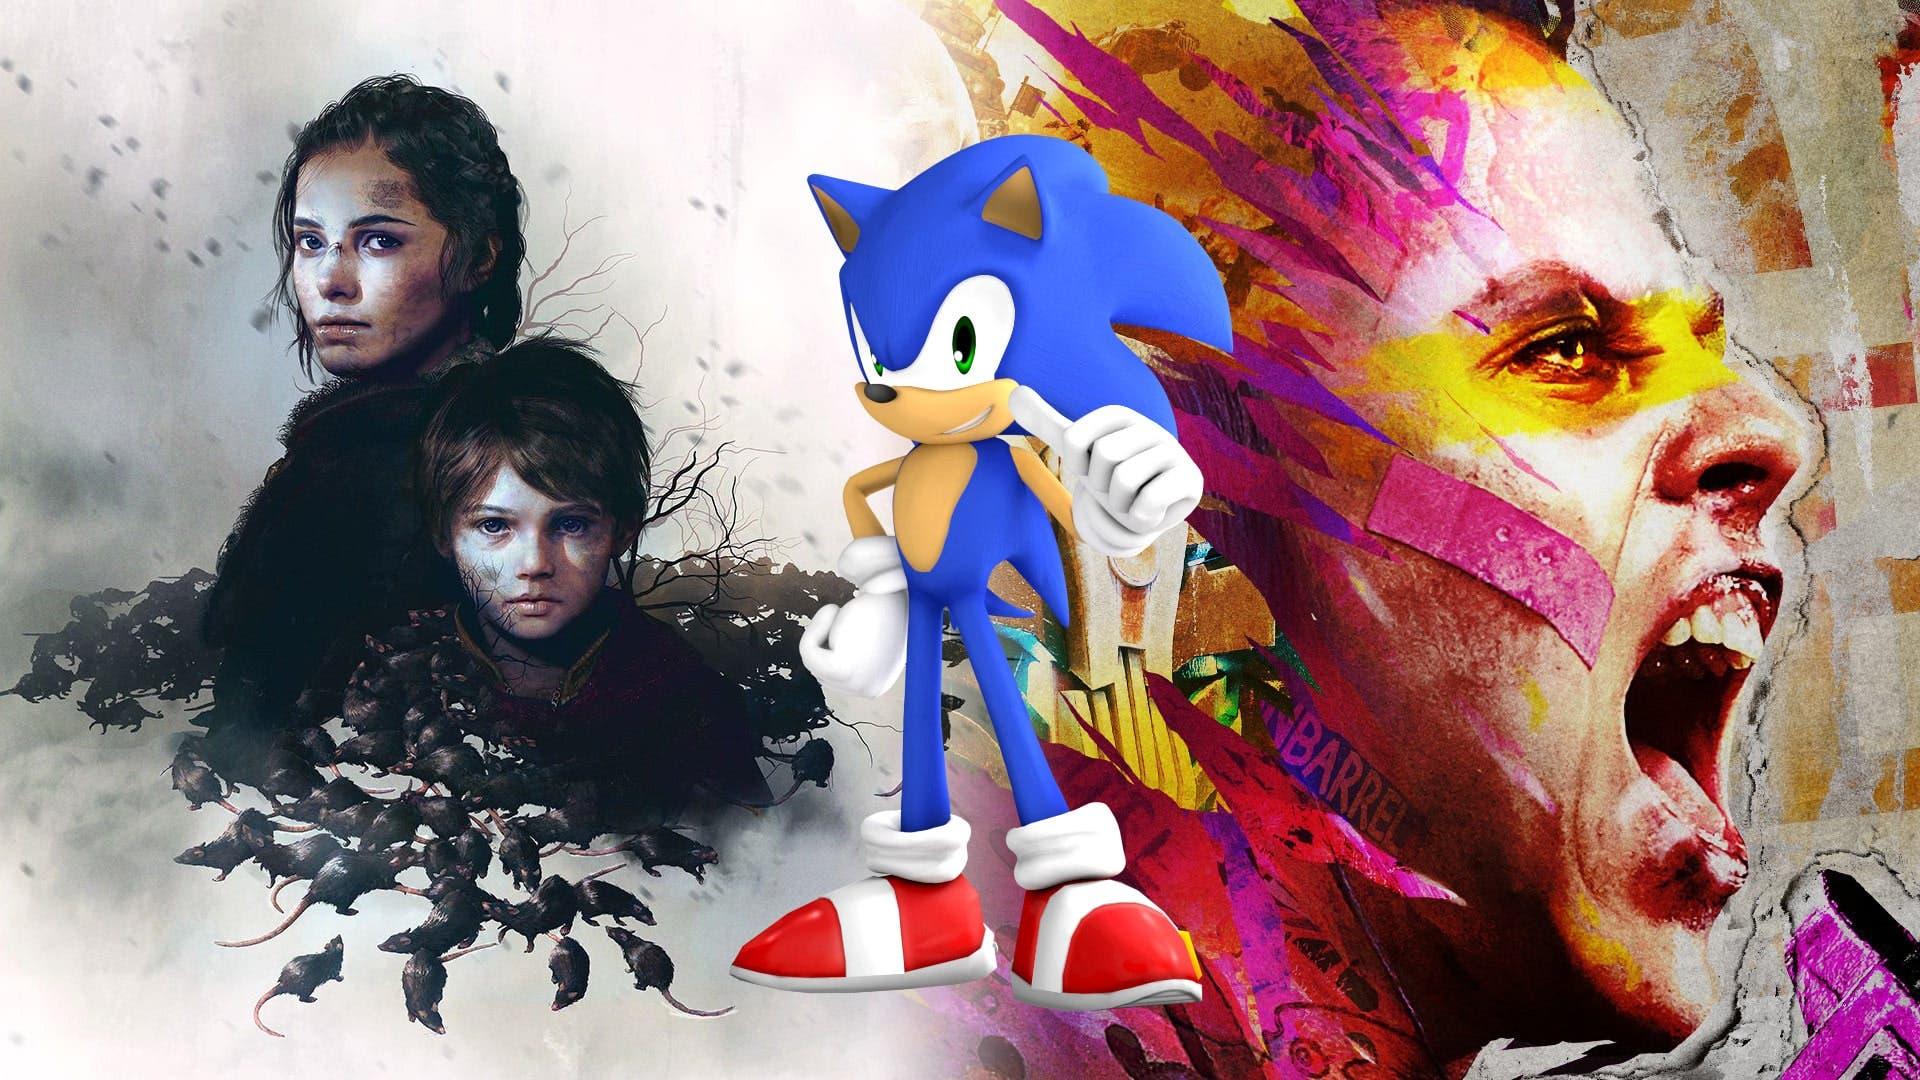 Imagen de RAGE 2, Team Sonic Racing: Los lanzamientos más esperados del mes de mayo